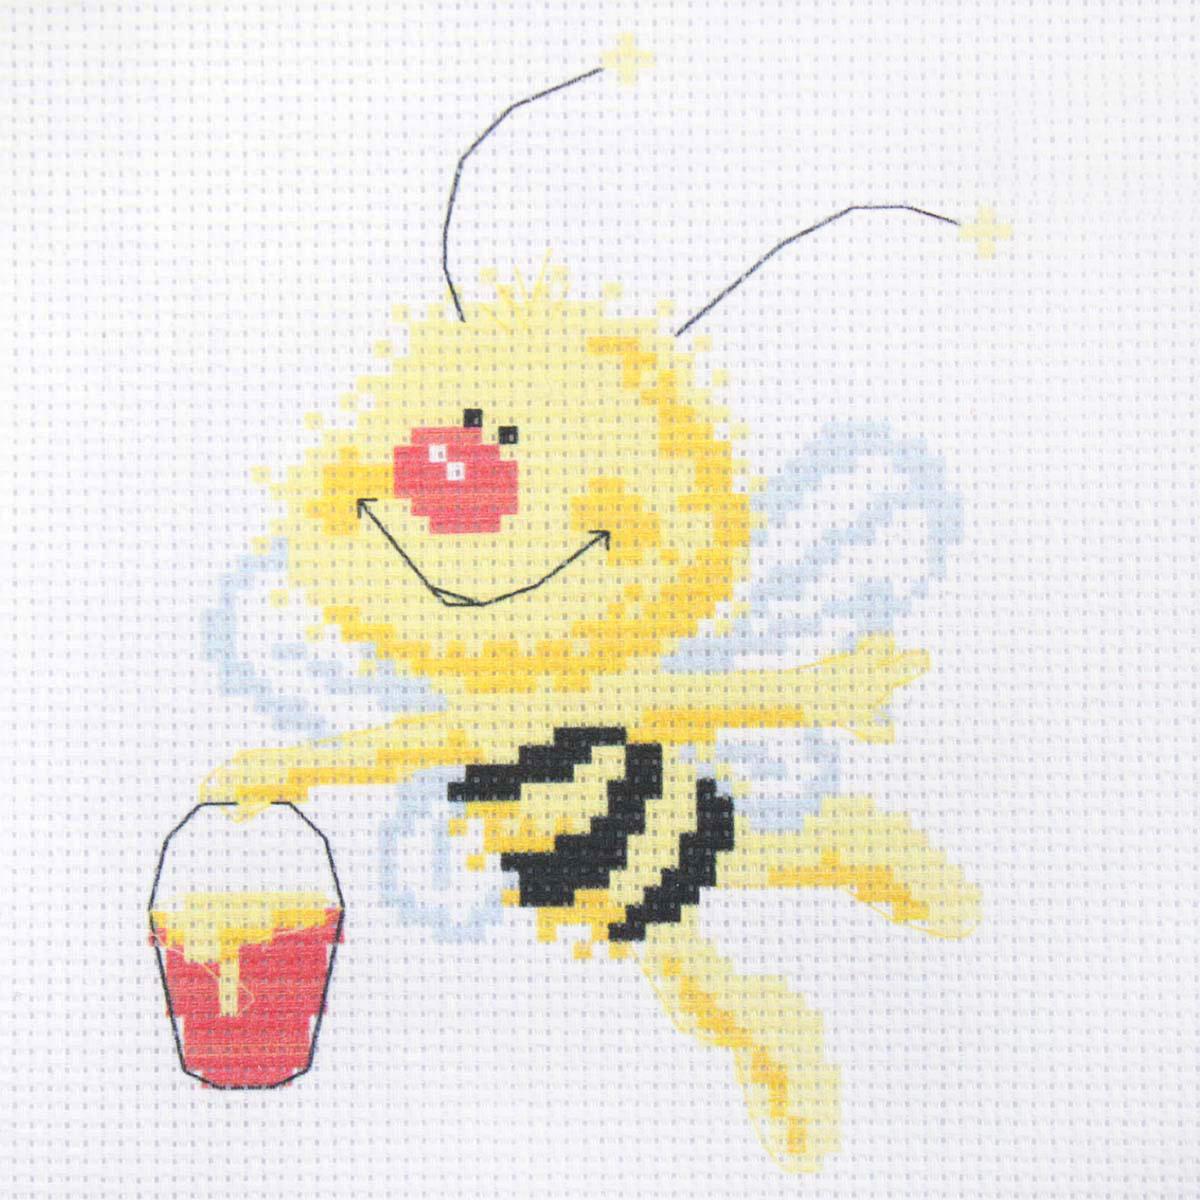 214 Набор для вышивания Василиса 'Пчелка' 19*19см